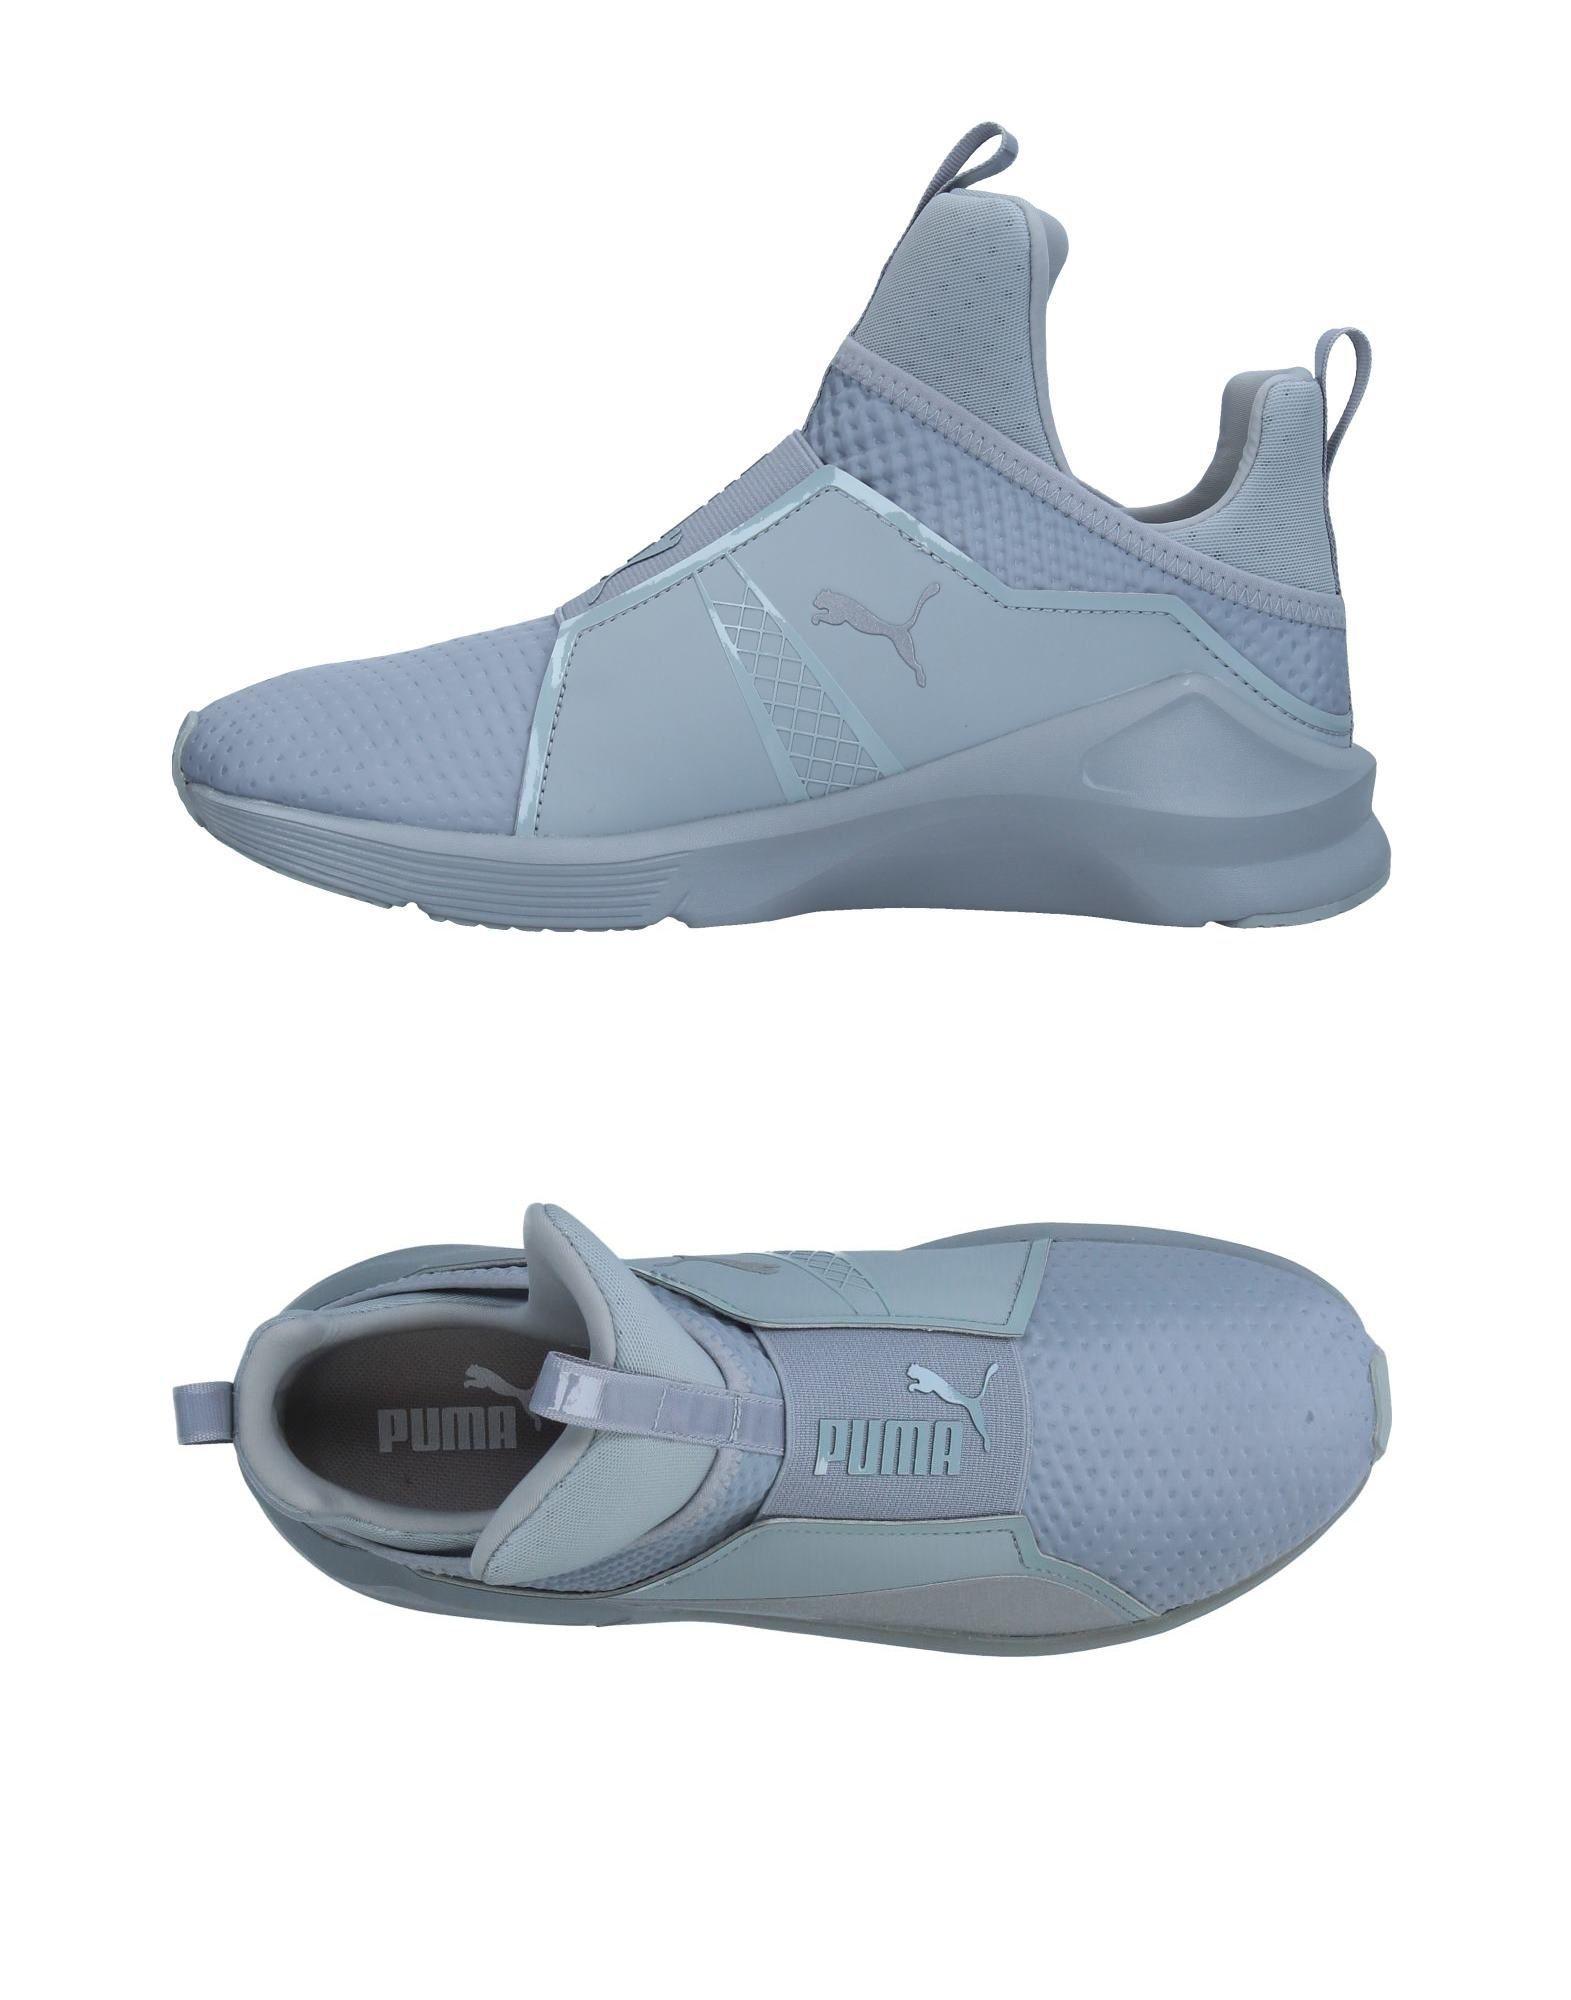 Puma Sneakers Damen Qualität  11333660KT Gute Qualität Damen beliebte Schuhe feb63d